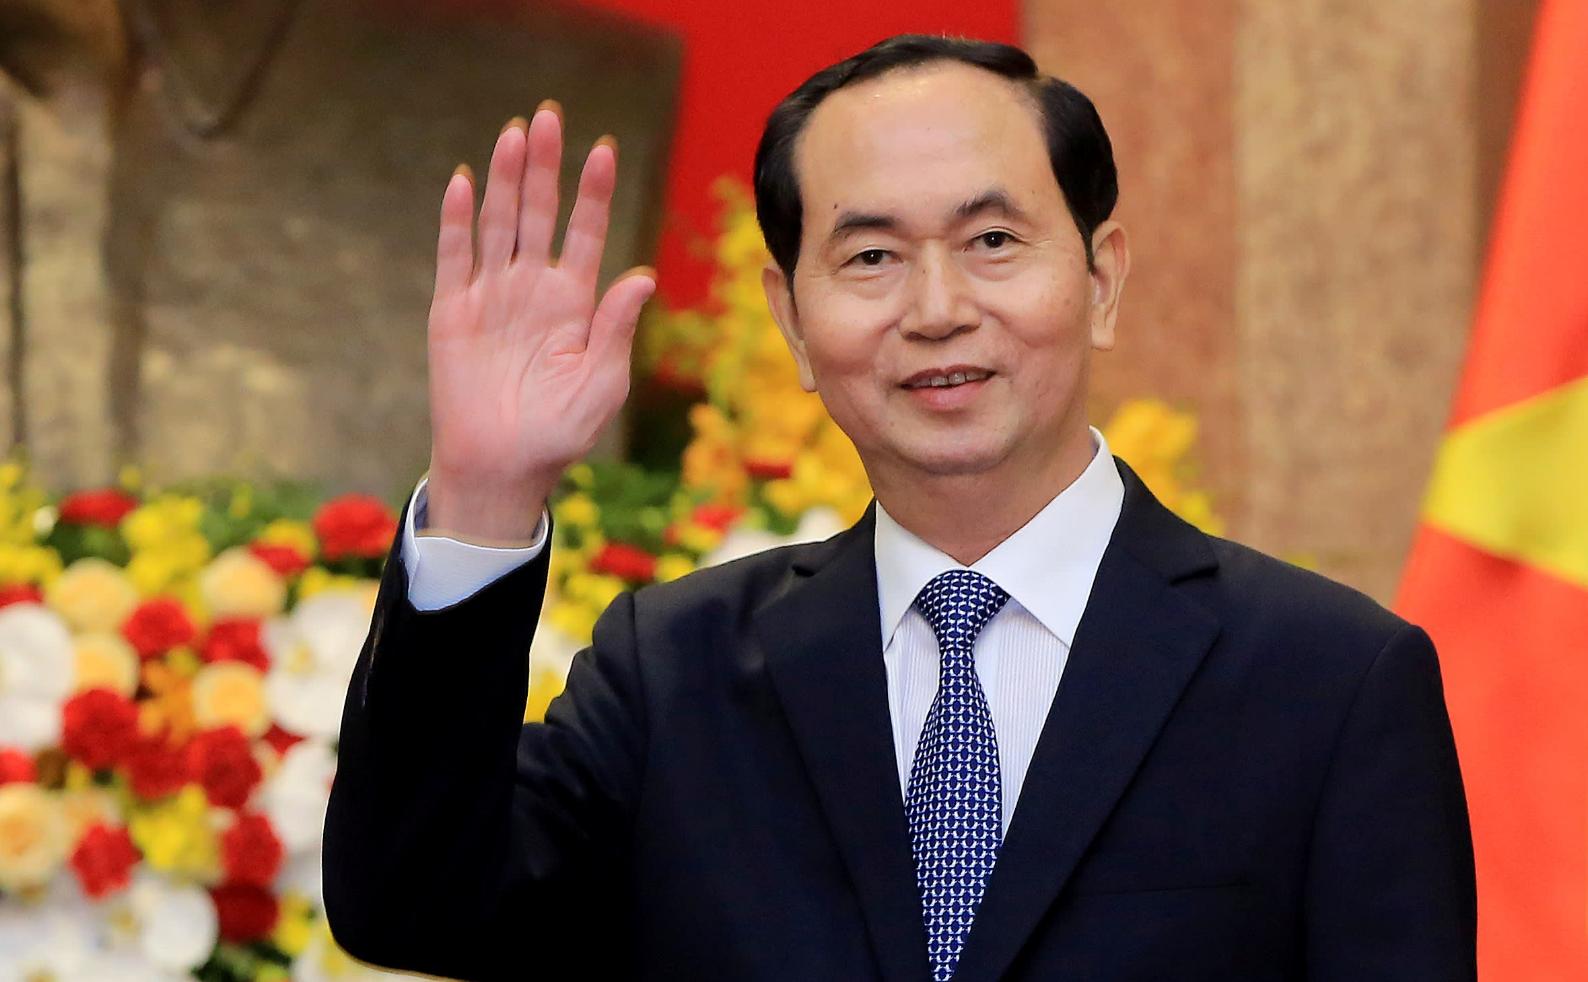 Cơn bão đồn đoán về số phận chủ tịch Trần Đại Quang lên báo Nhật